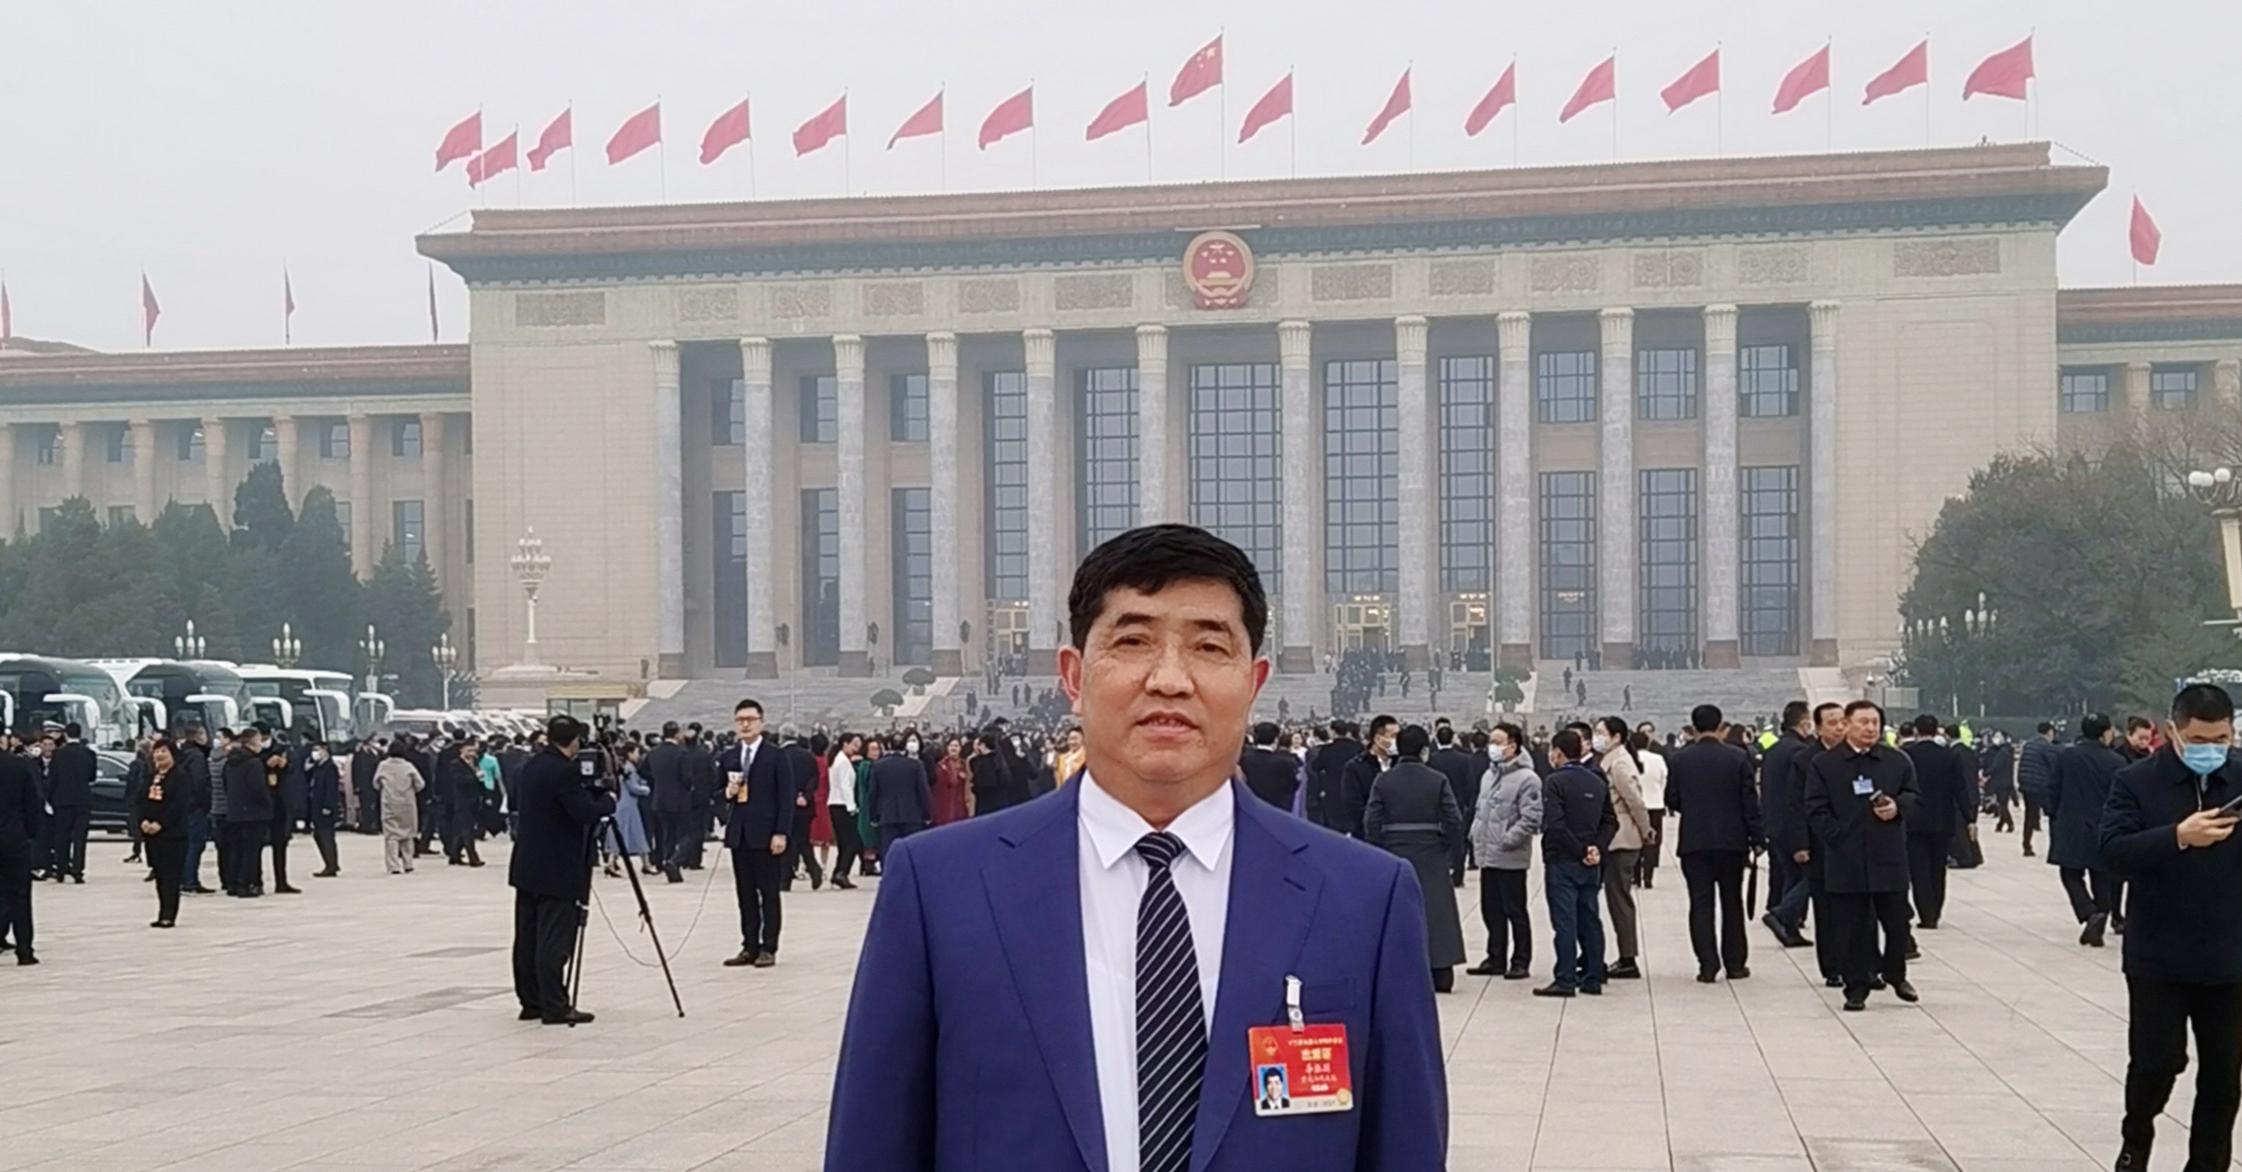 全國人大代表、九芝堂股份有限公司董事長 李振國_副本.jpg